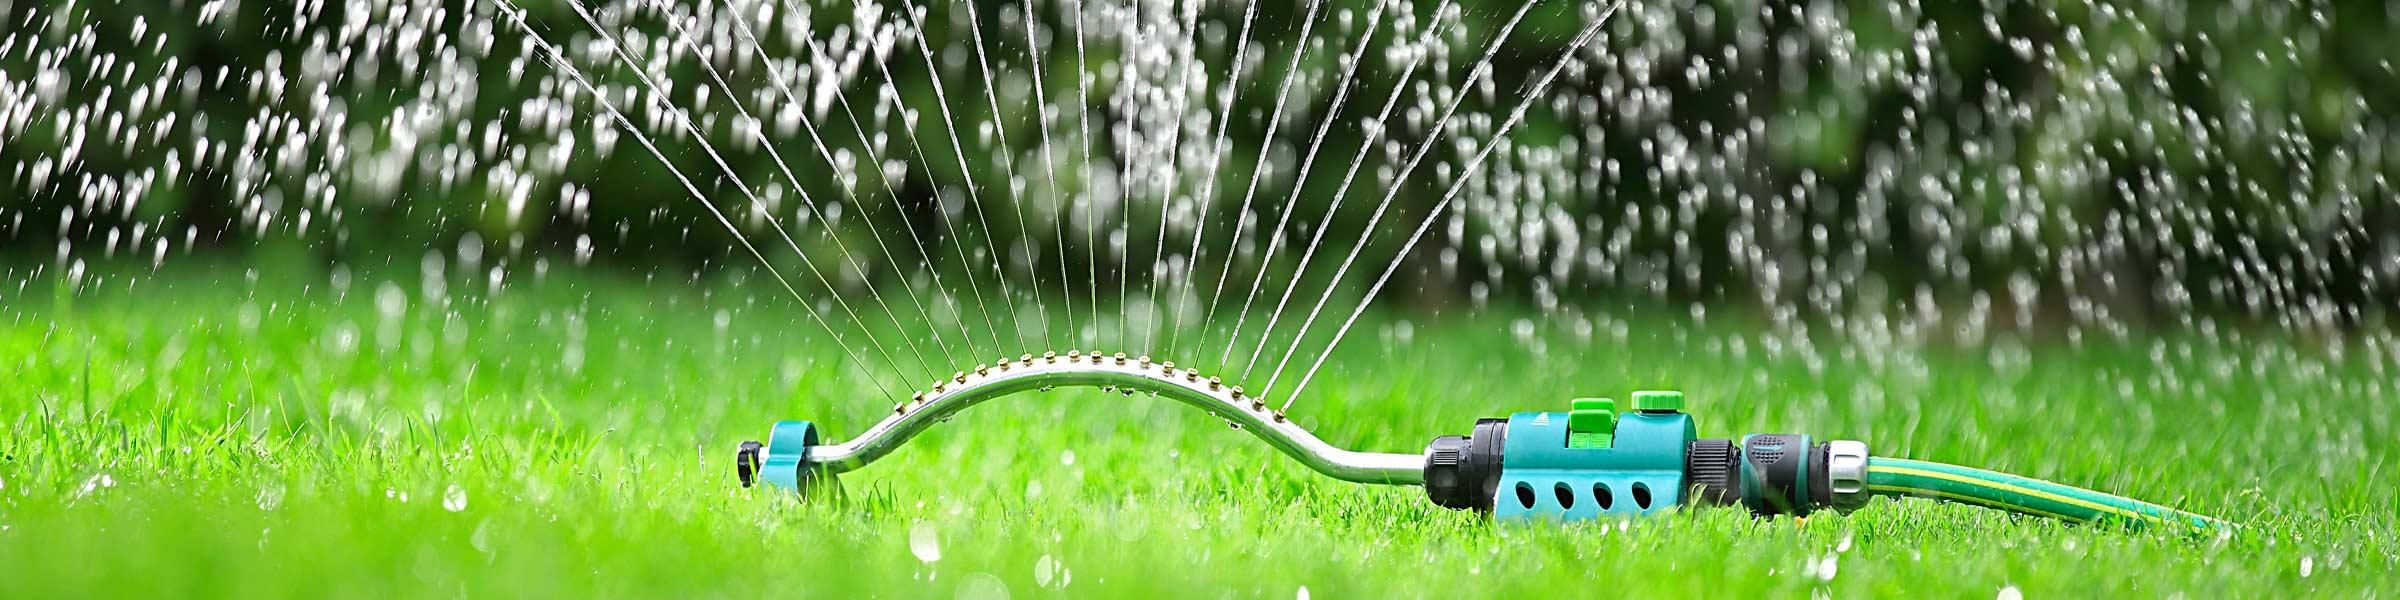 Ihr Bewasserungssystem Von Dehner Jetzt Bestellen Dehner